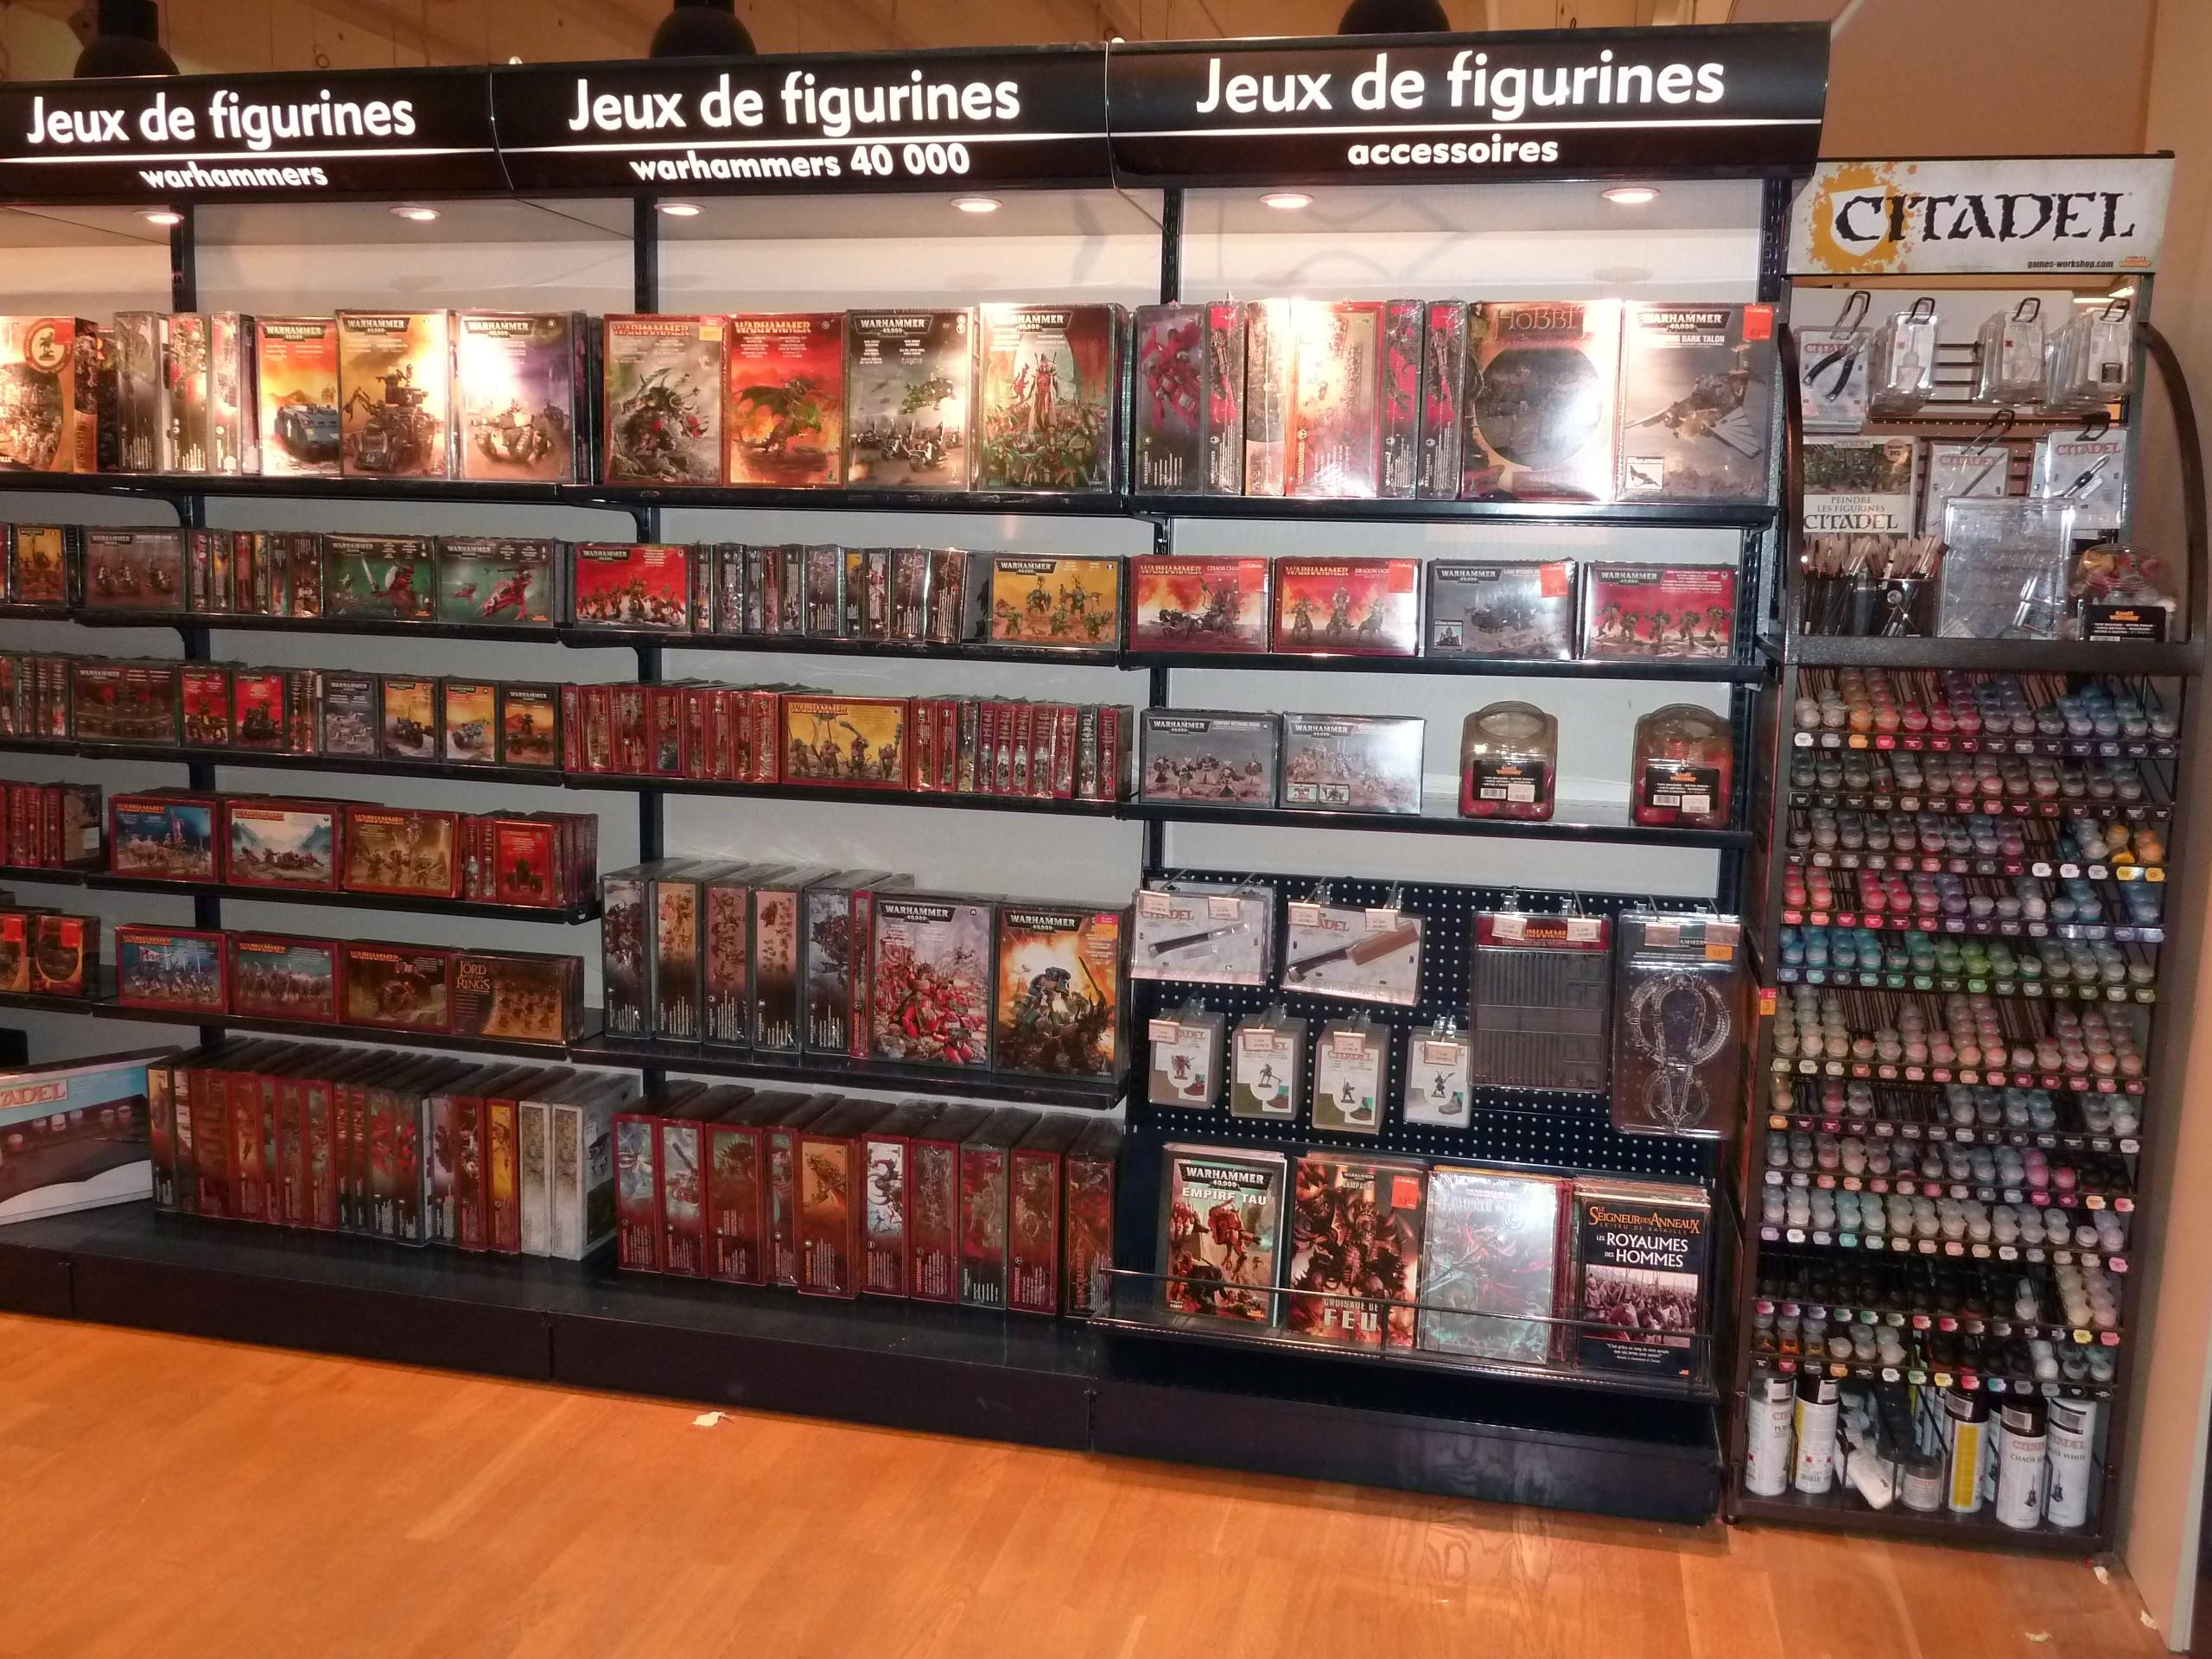 Cultura Plaisir  Les ClayessousBois  Les magasins ~ Magasin Les Clayes Sous Bois